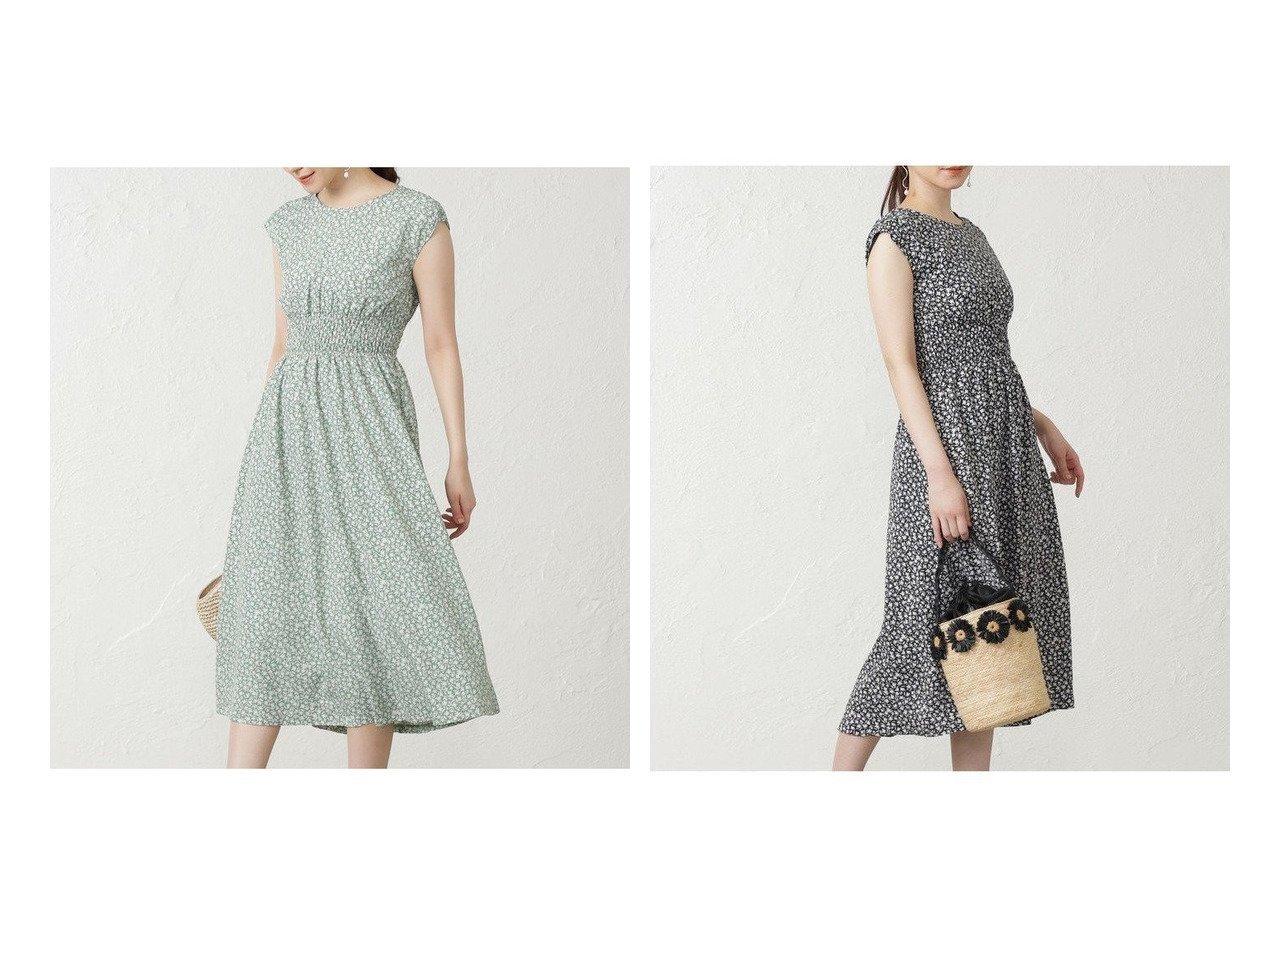 【EPOCA THE SHOP/エポカ ザ ショップ】の小花プリントドレス おすすめ!人気、トレンド・レディースファッションの通販 おすすめで人気の流行・トレンド、ファッションの通販商品 インテリア・家具・メンズファッション・キッズファッション・レディースファッション・服の通販 founy(ファニー) https://founy.com/ ファッション Fashion レディースファッション WOMEN ワンピース Dress ドレス Party Dresses ドレス プリント 再入荷 Restock/Back in Stock/Re Arrival |ID:crp329100000047978